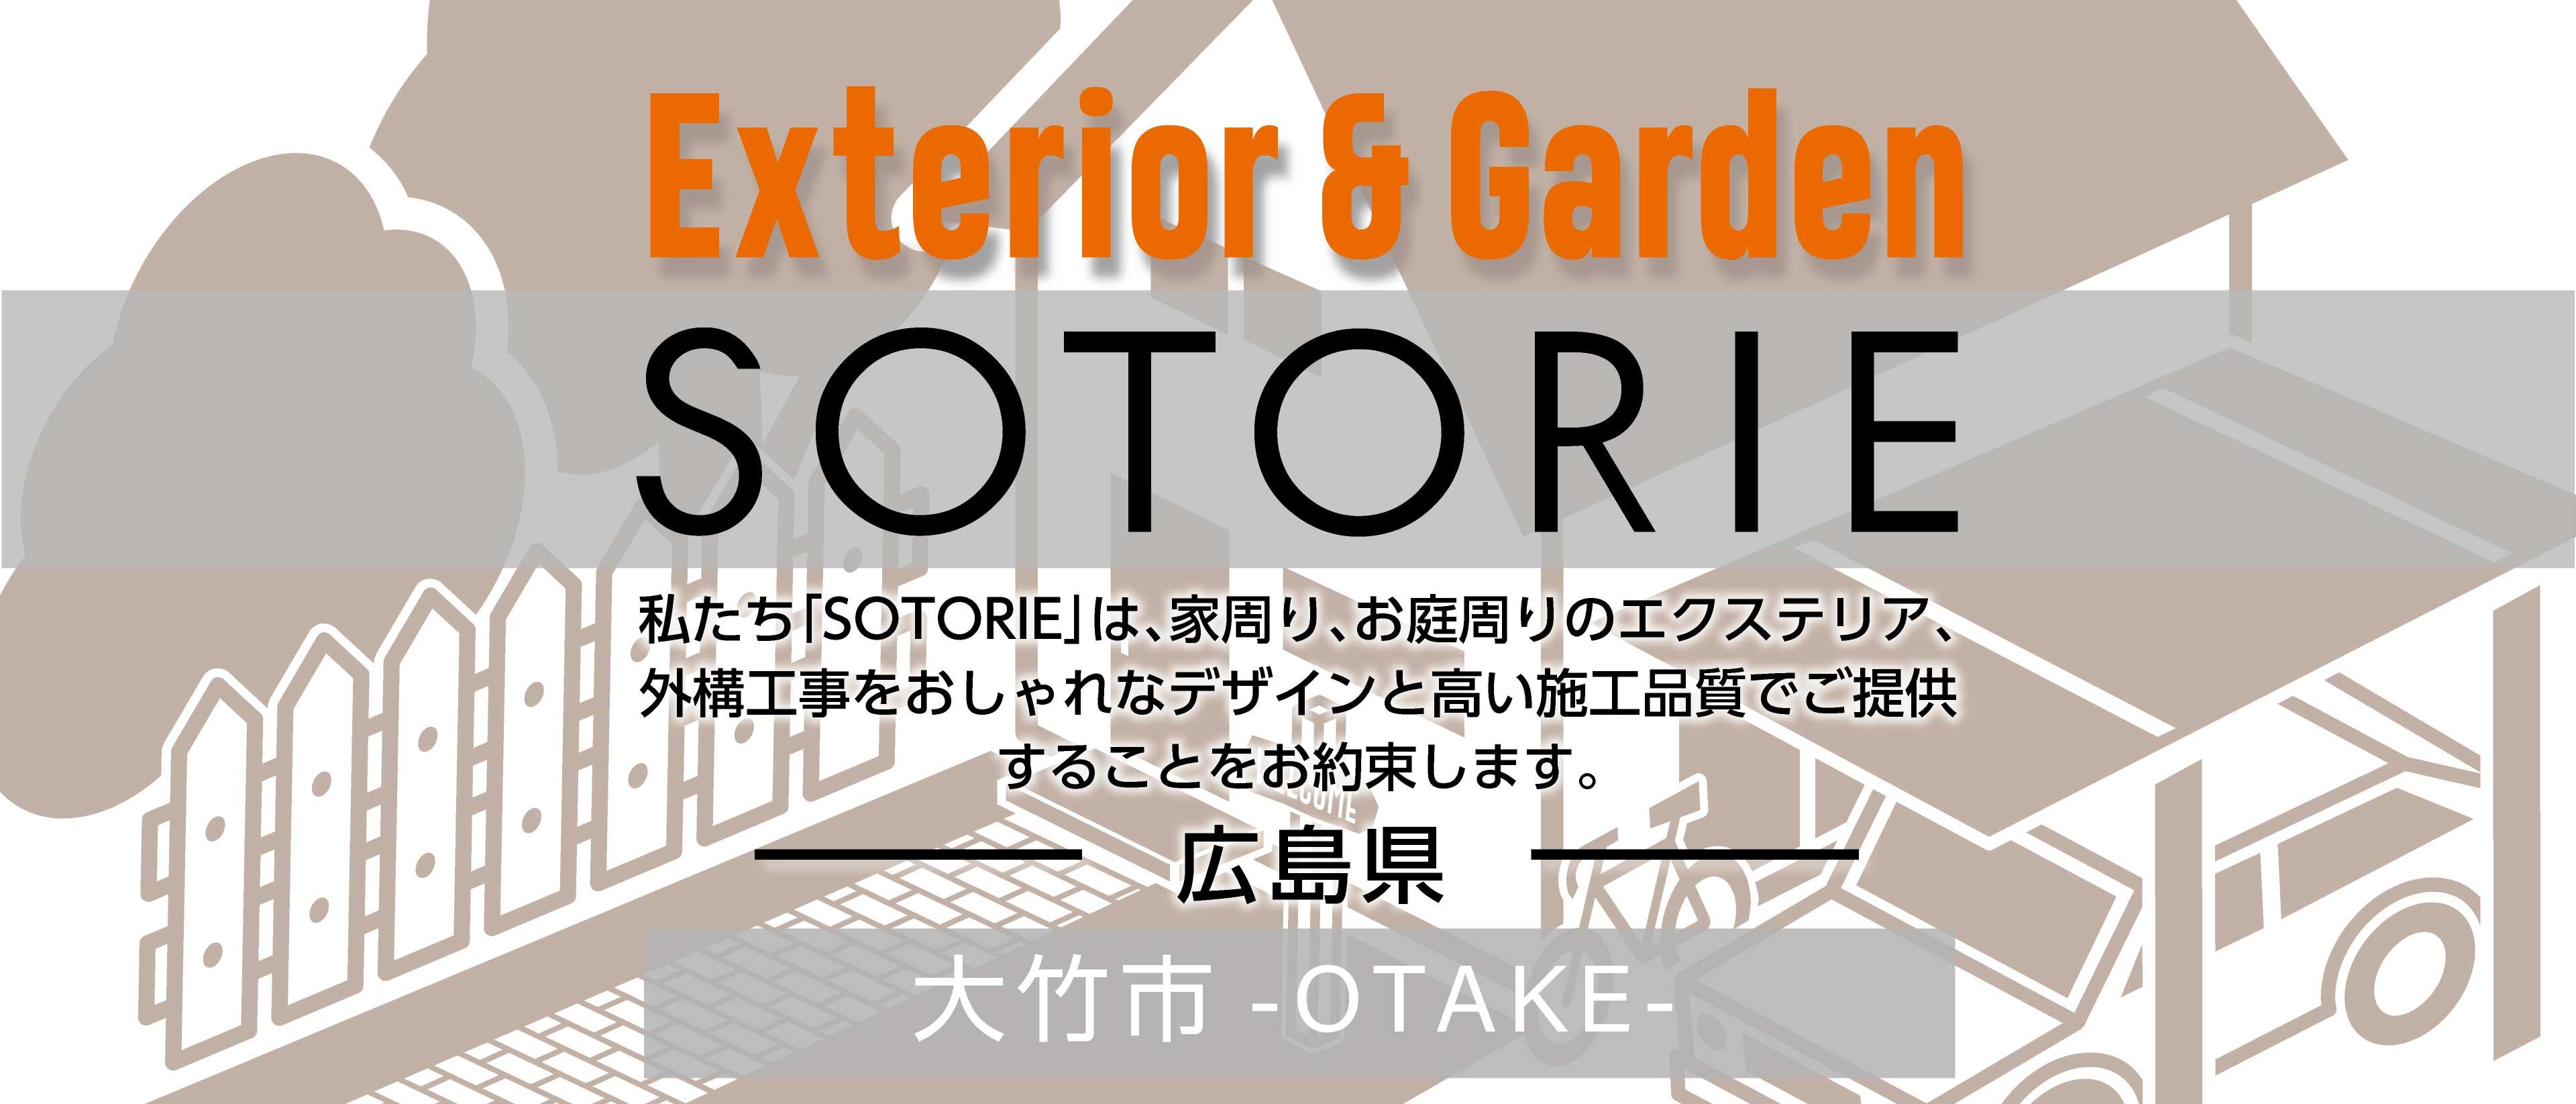 ソトリエ大竹市では、家周りと庭周りの外構、エクステリア工事をおしゃれなデザインと高い施工品質でご提供することをお約束します。